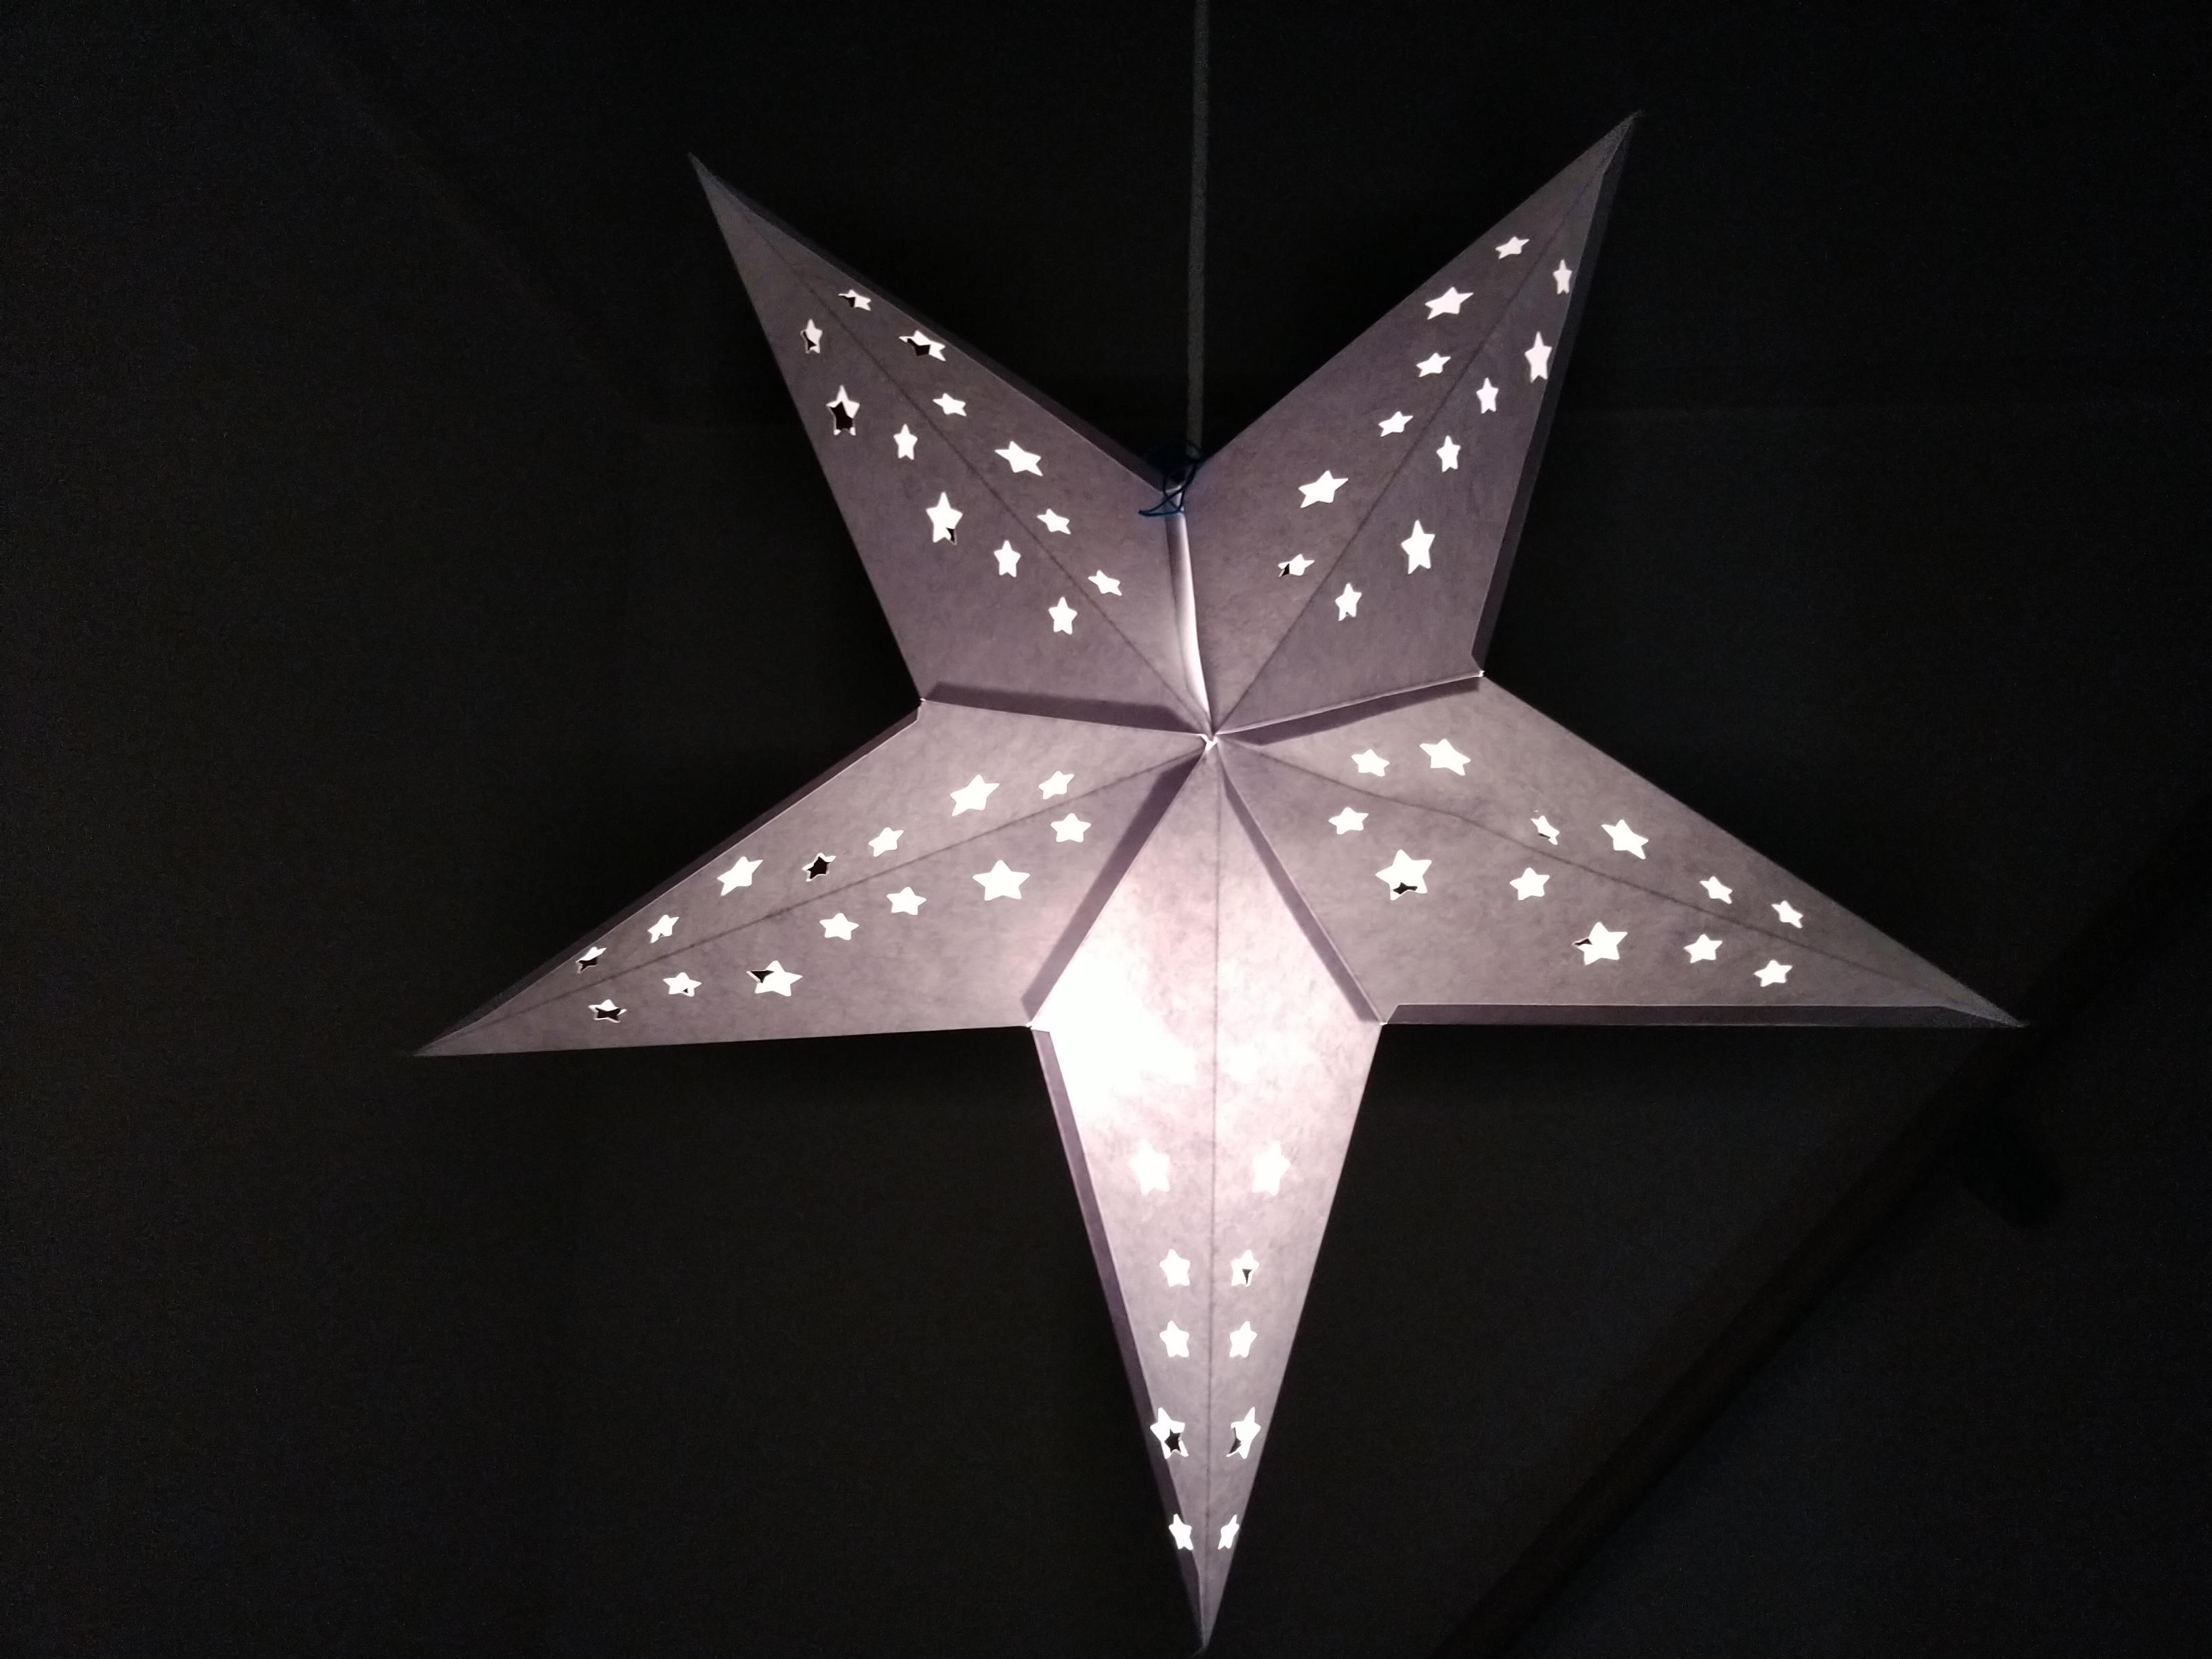 星のランプシェード手作り・星のペーパーオーナメント